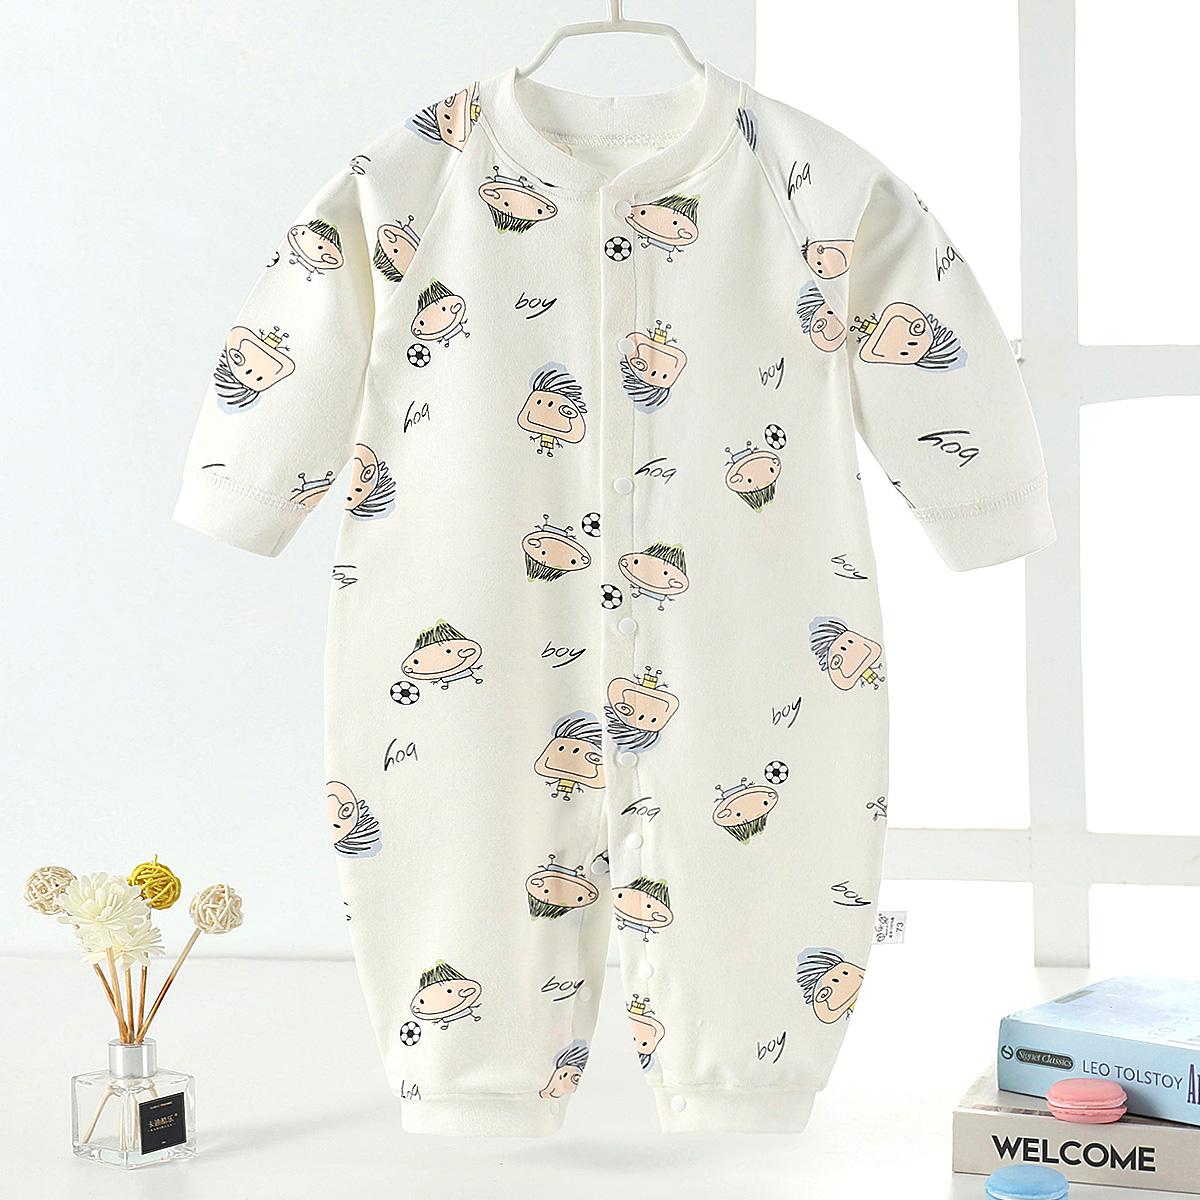 婴儿连体衣纯棉秋衣外出新生儿哈衣睡衣套装服打底春秋冬宝宝空调